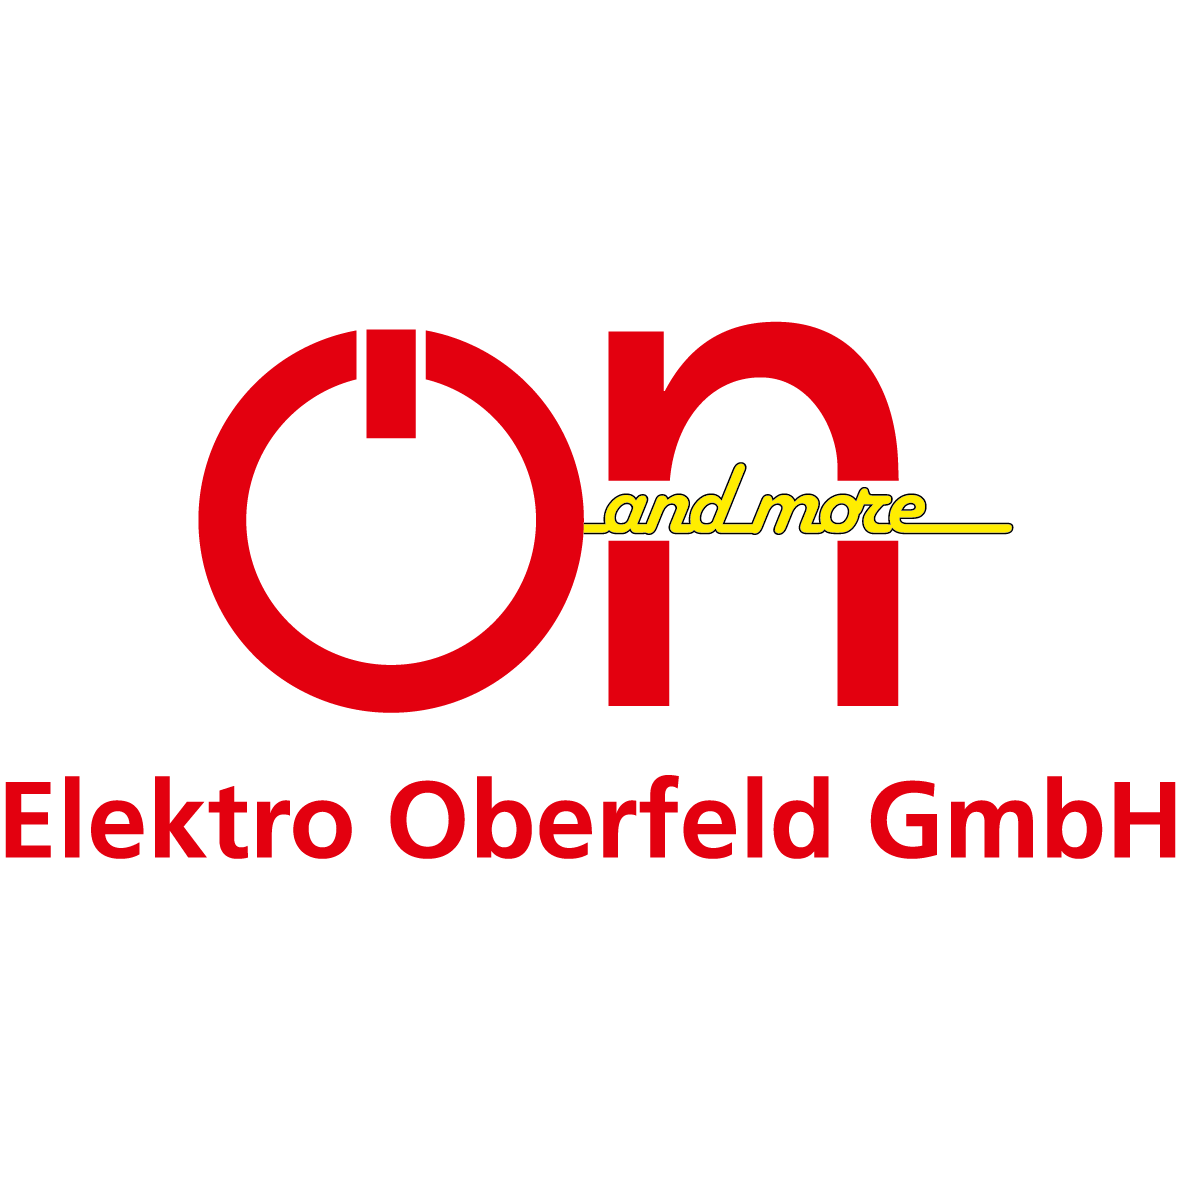 Elektro Oberfeld GmbH